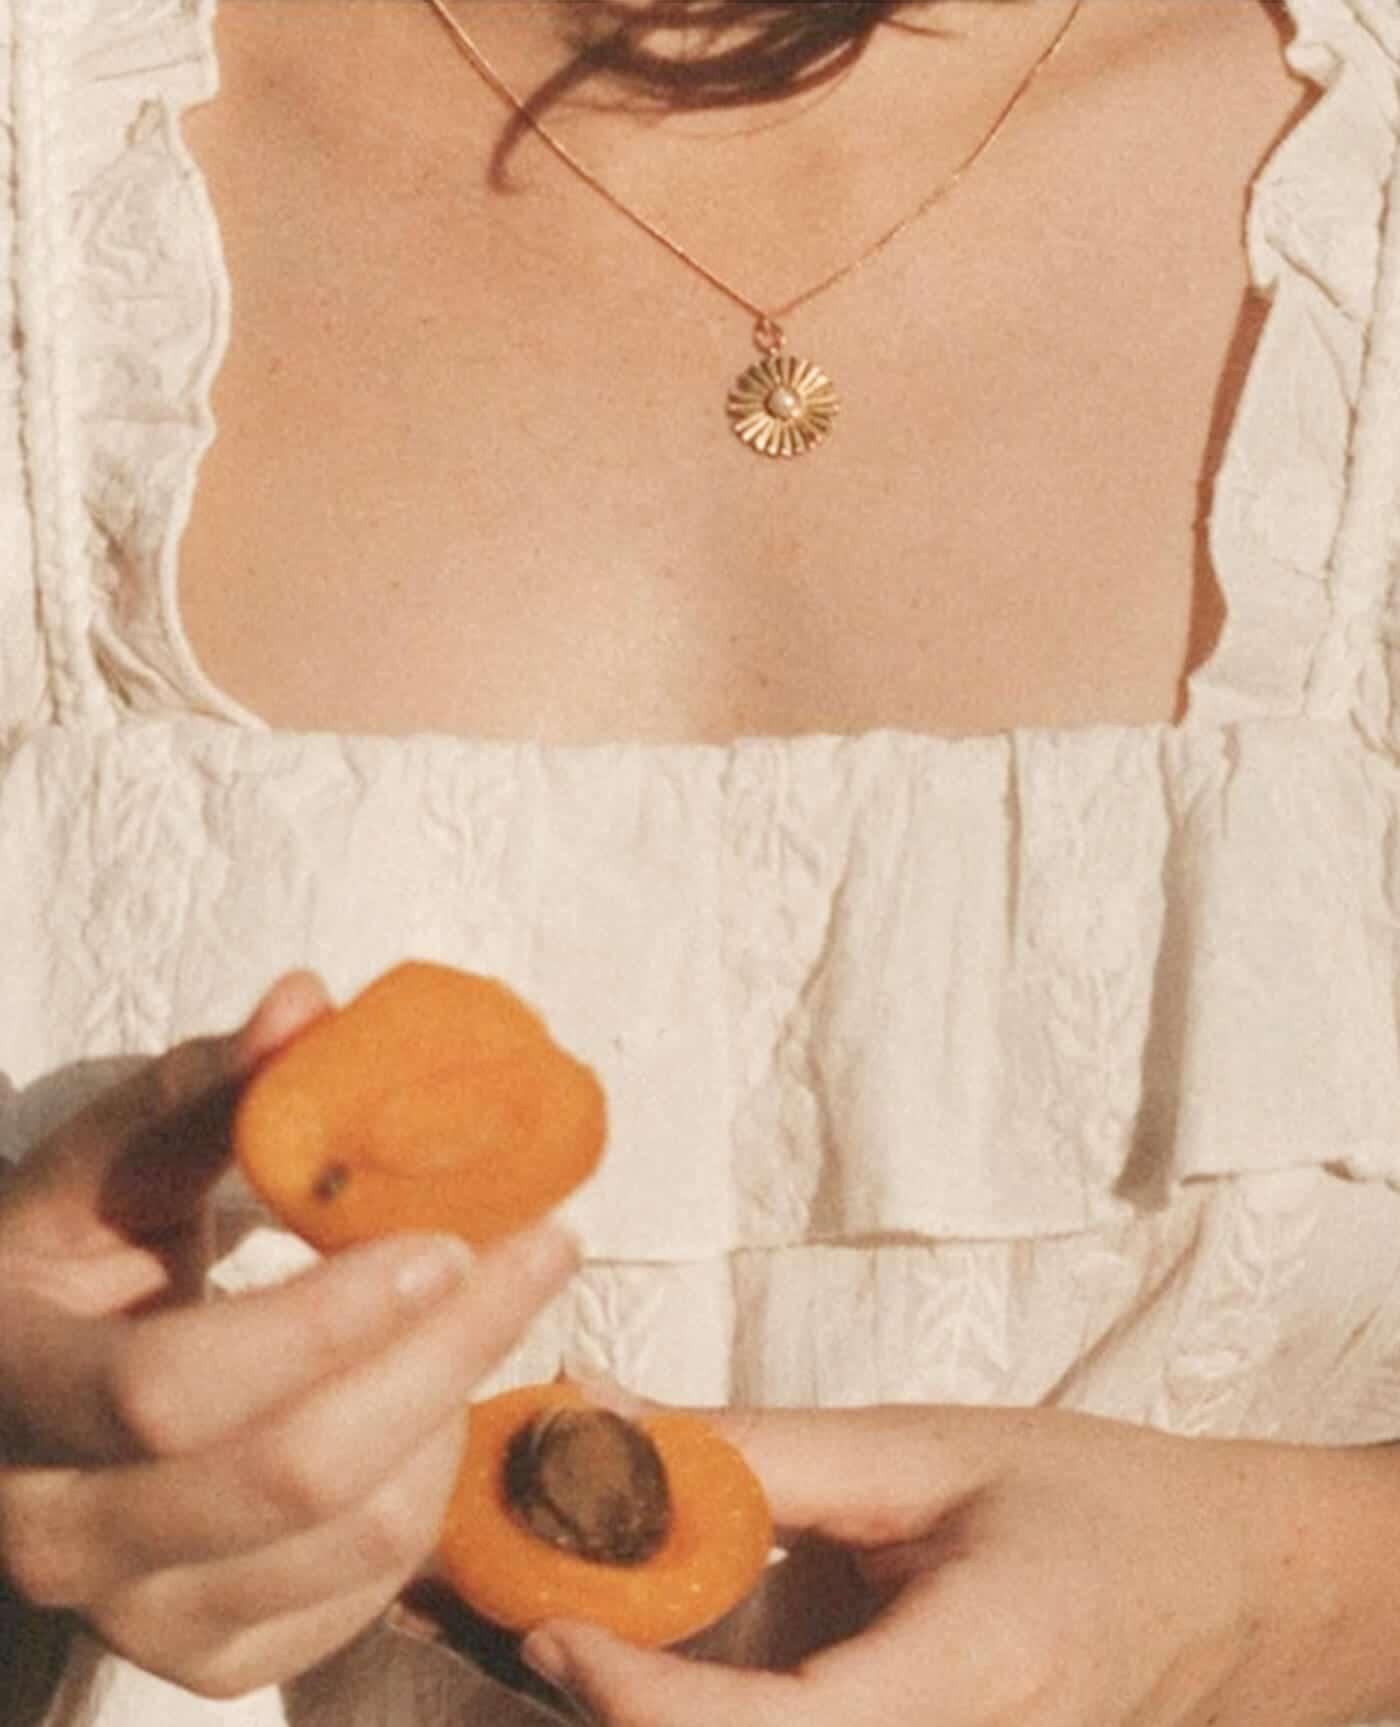 Collier Ester en or en forme de fleur avec une perle fait à la main par la marque Gisel B made in france